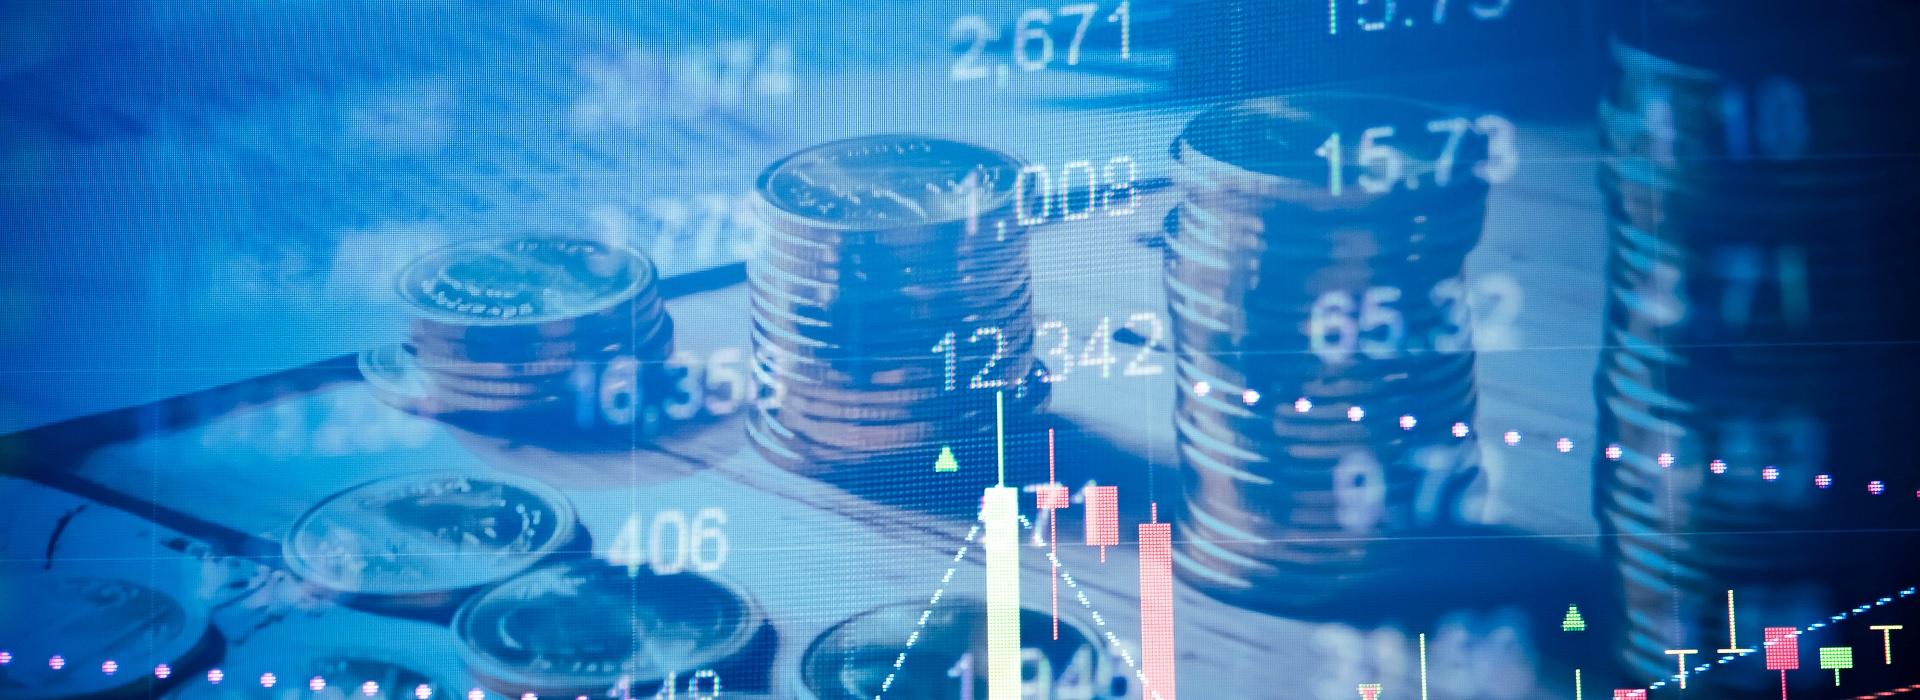 台人最愛商品》高收益債價格偏貴?如何調整布局